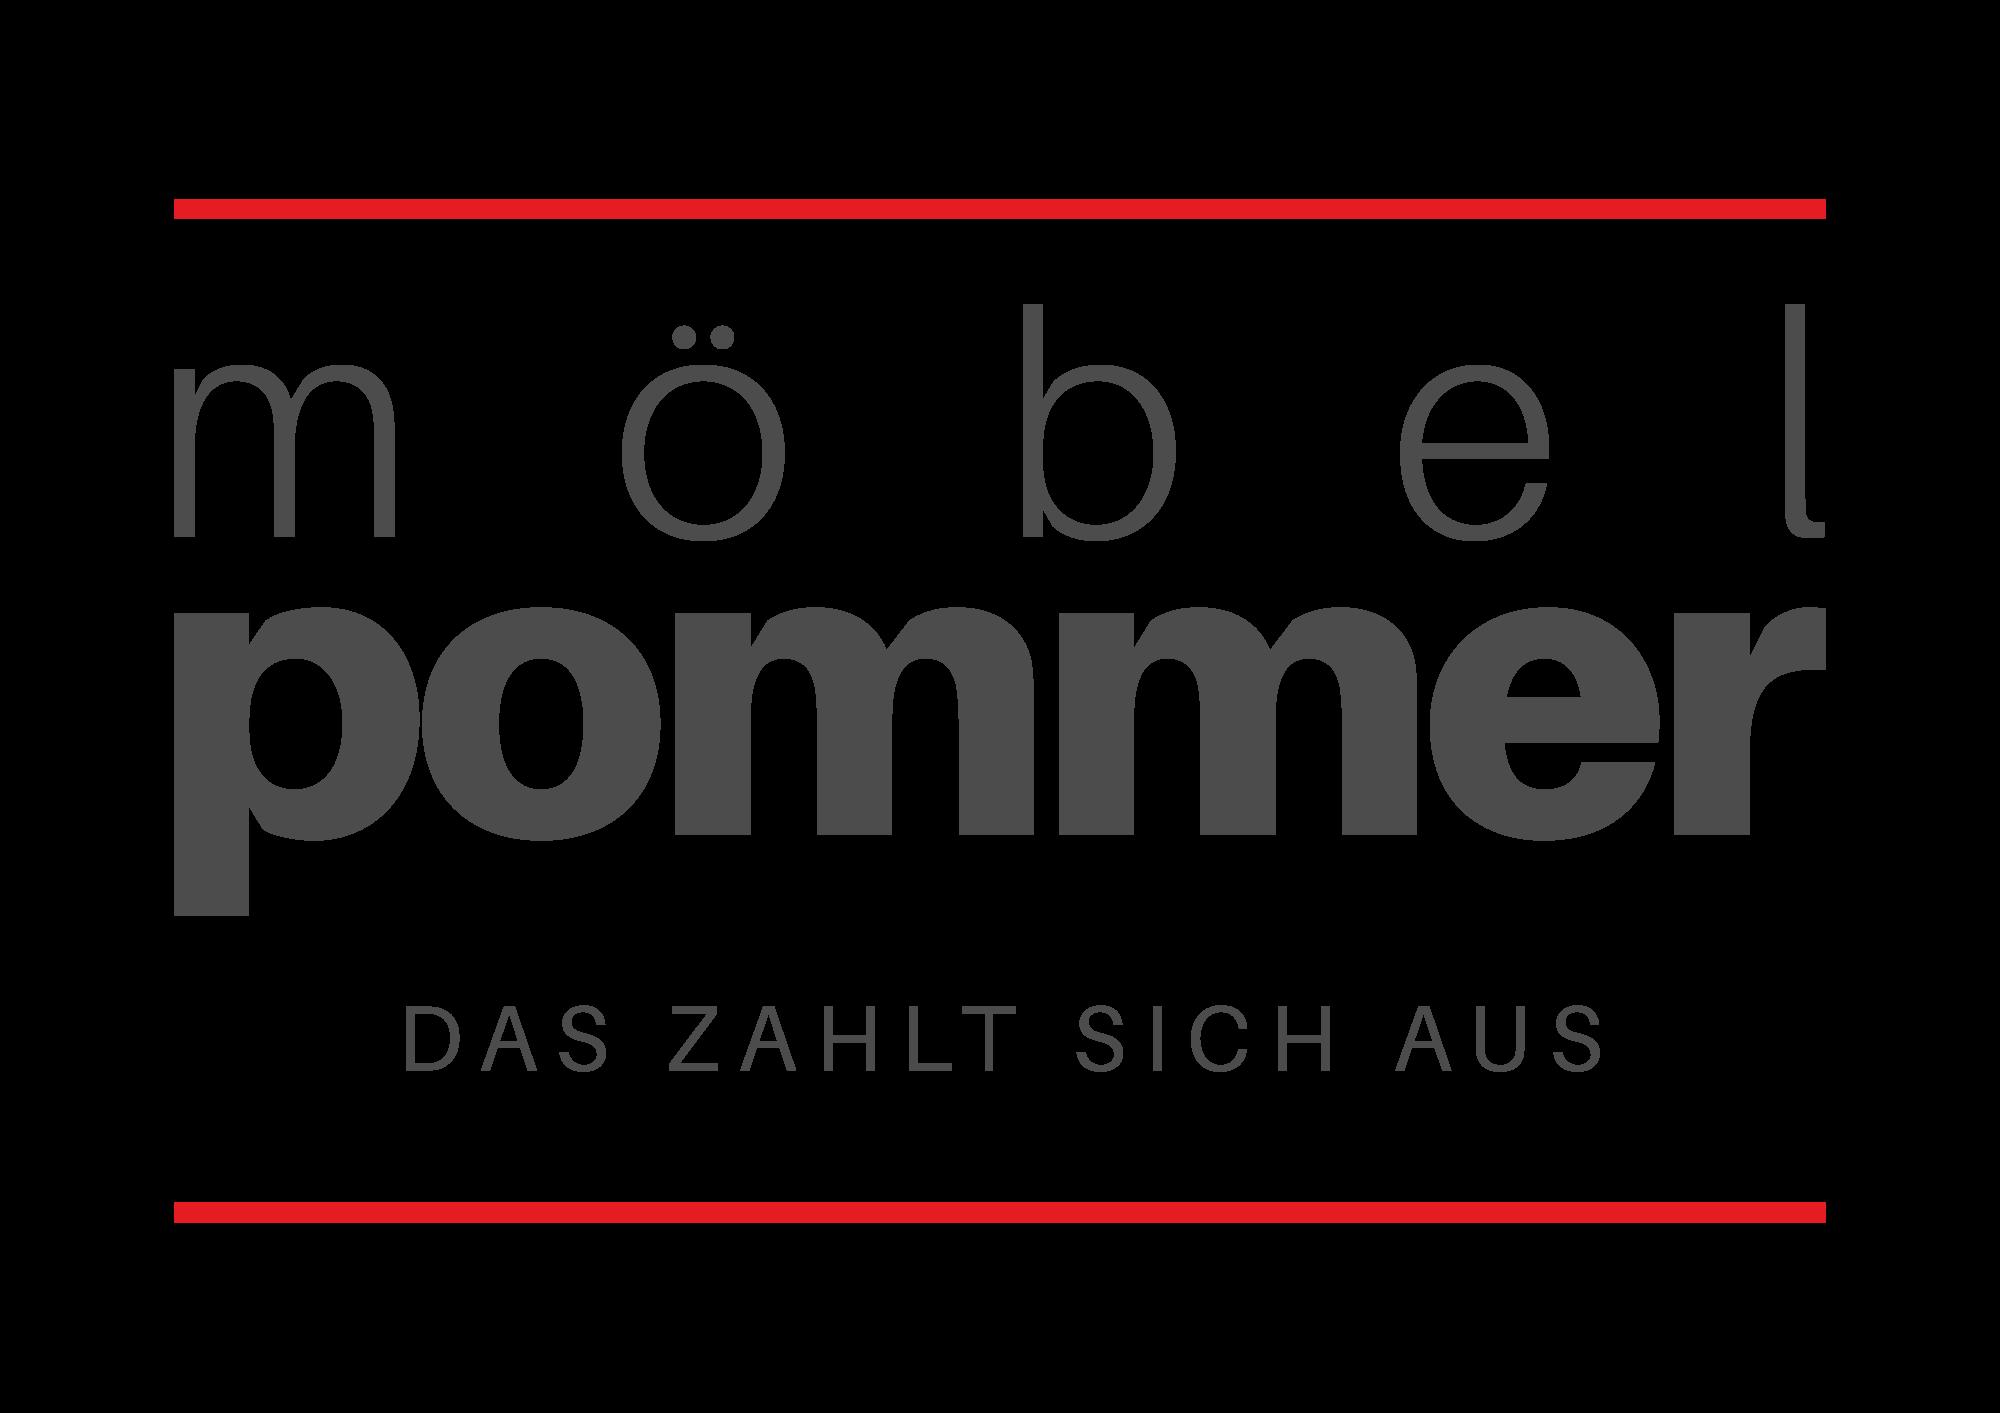 karl-pommer-gmbh--co-kg-moebelhandel-st-veit-an-der-goelsen logo